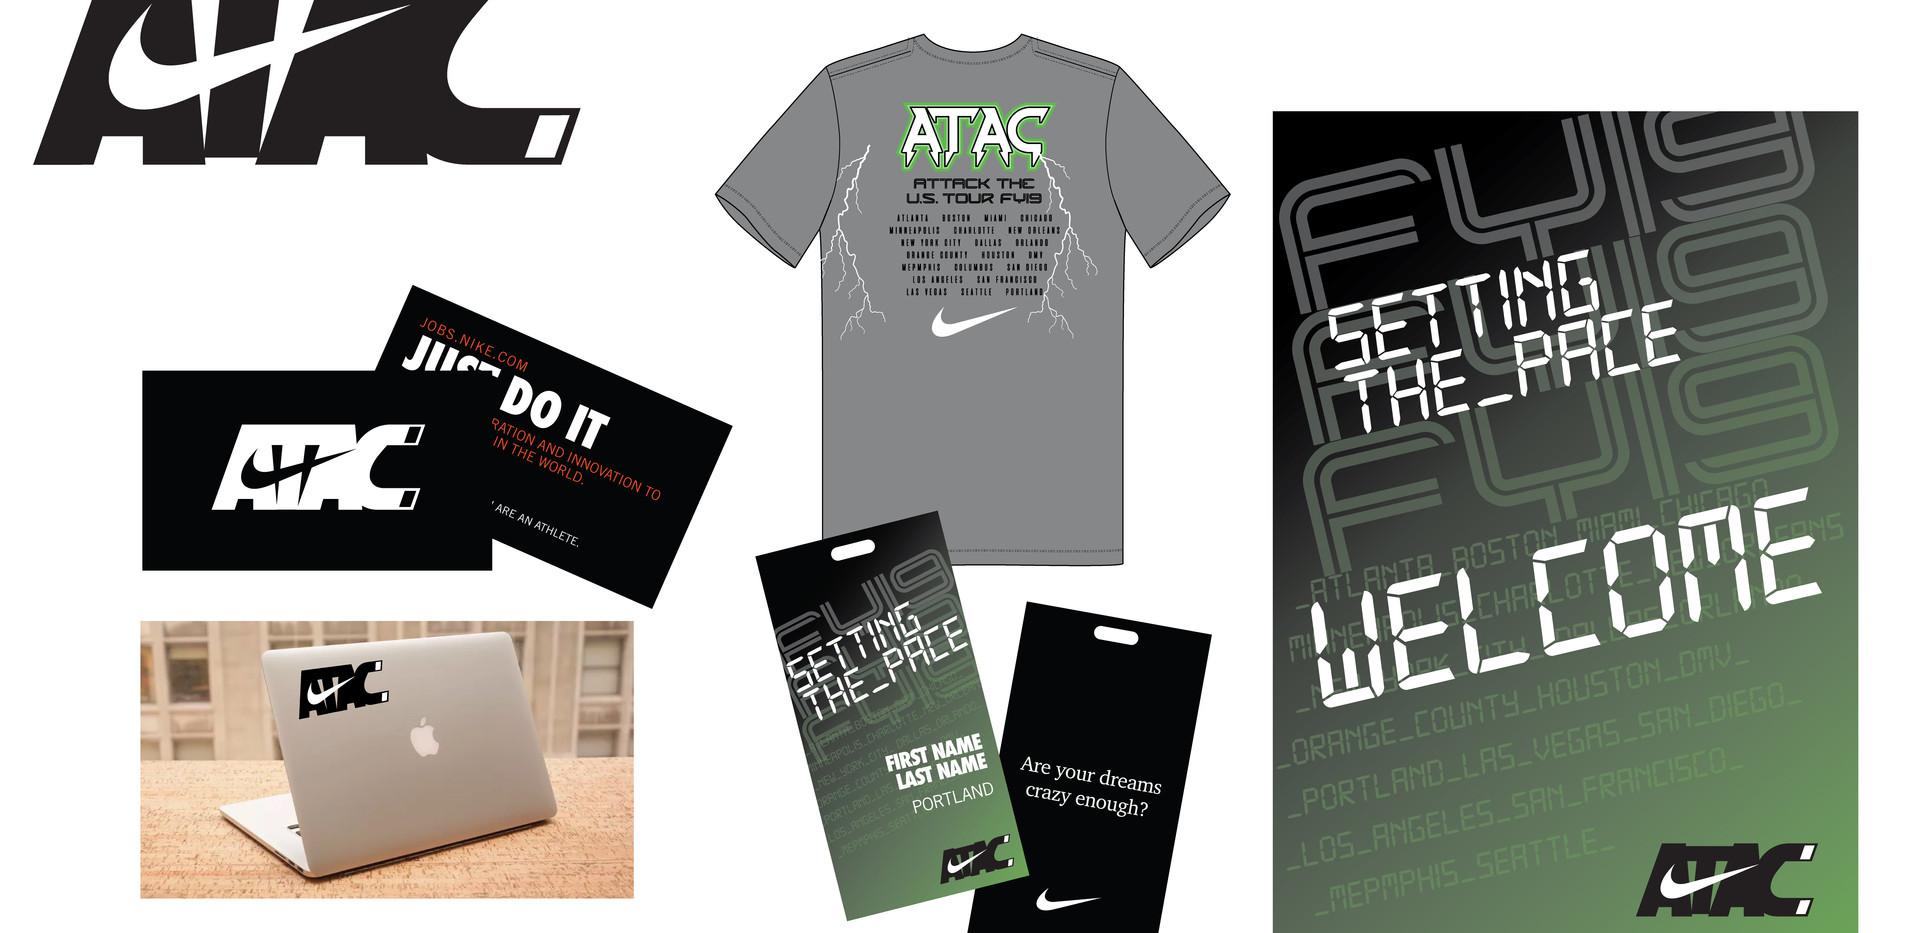 Nike, ATAC identity